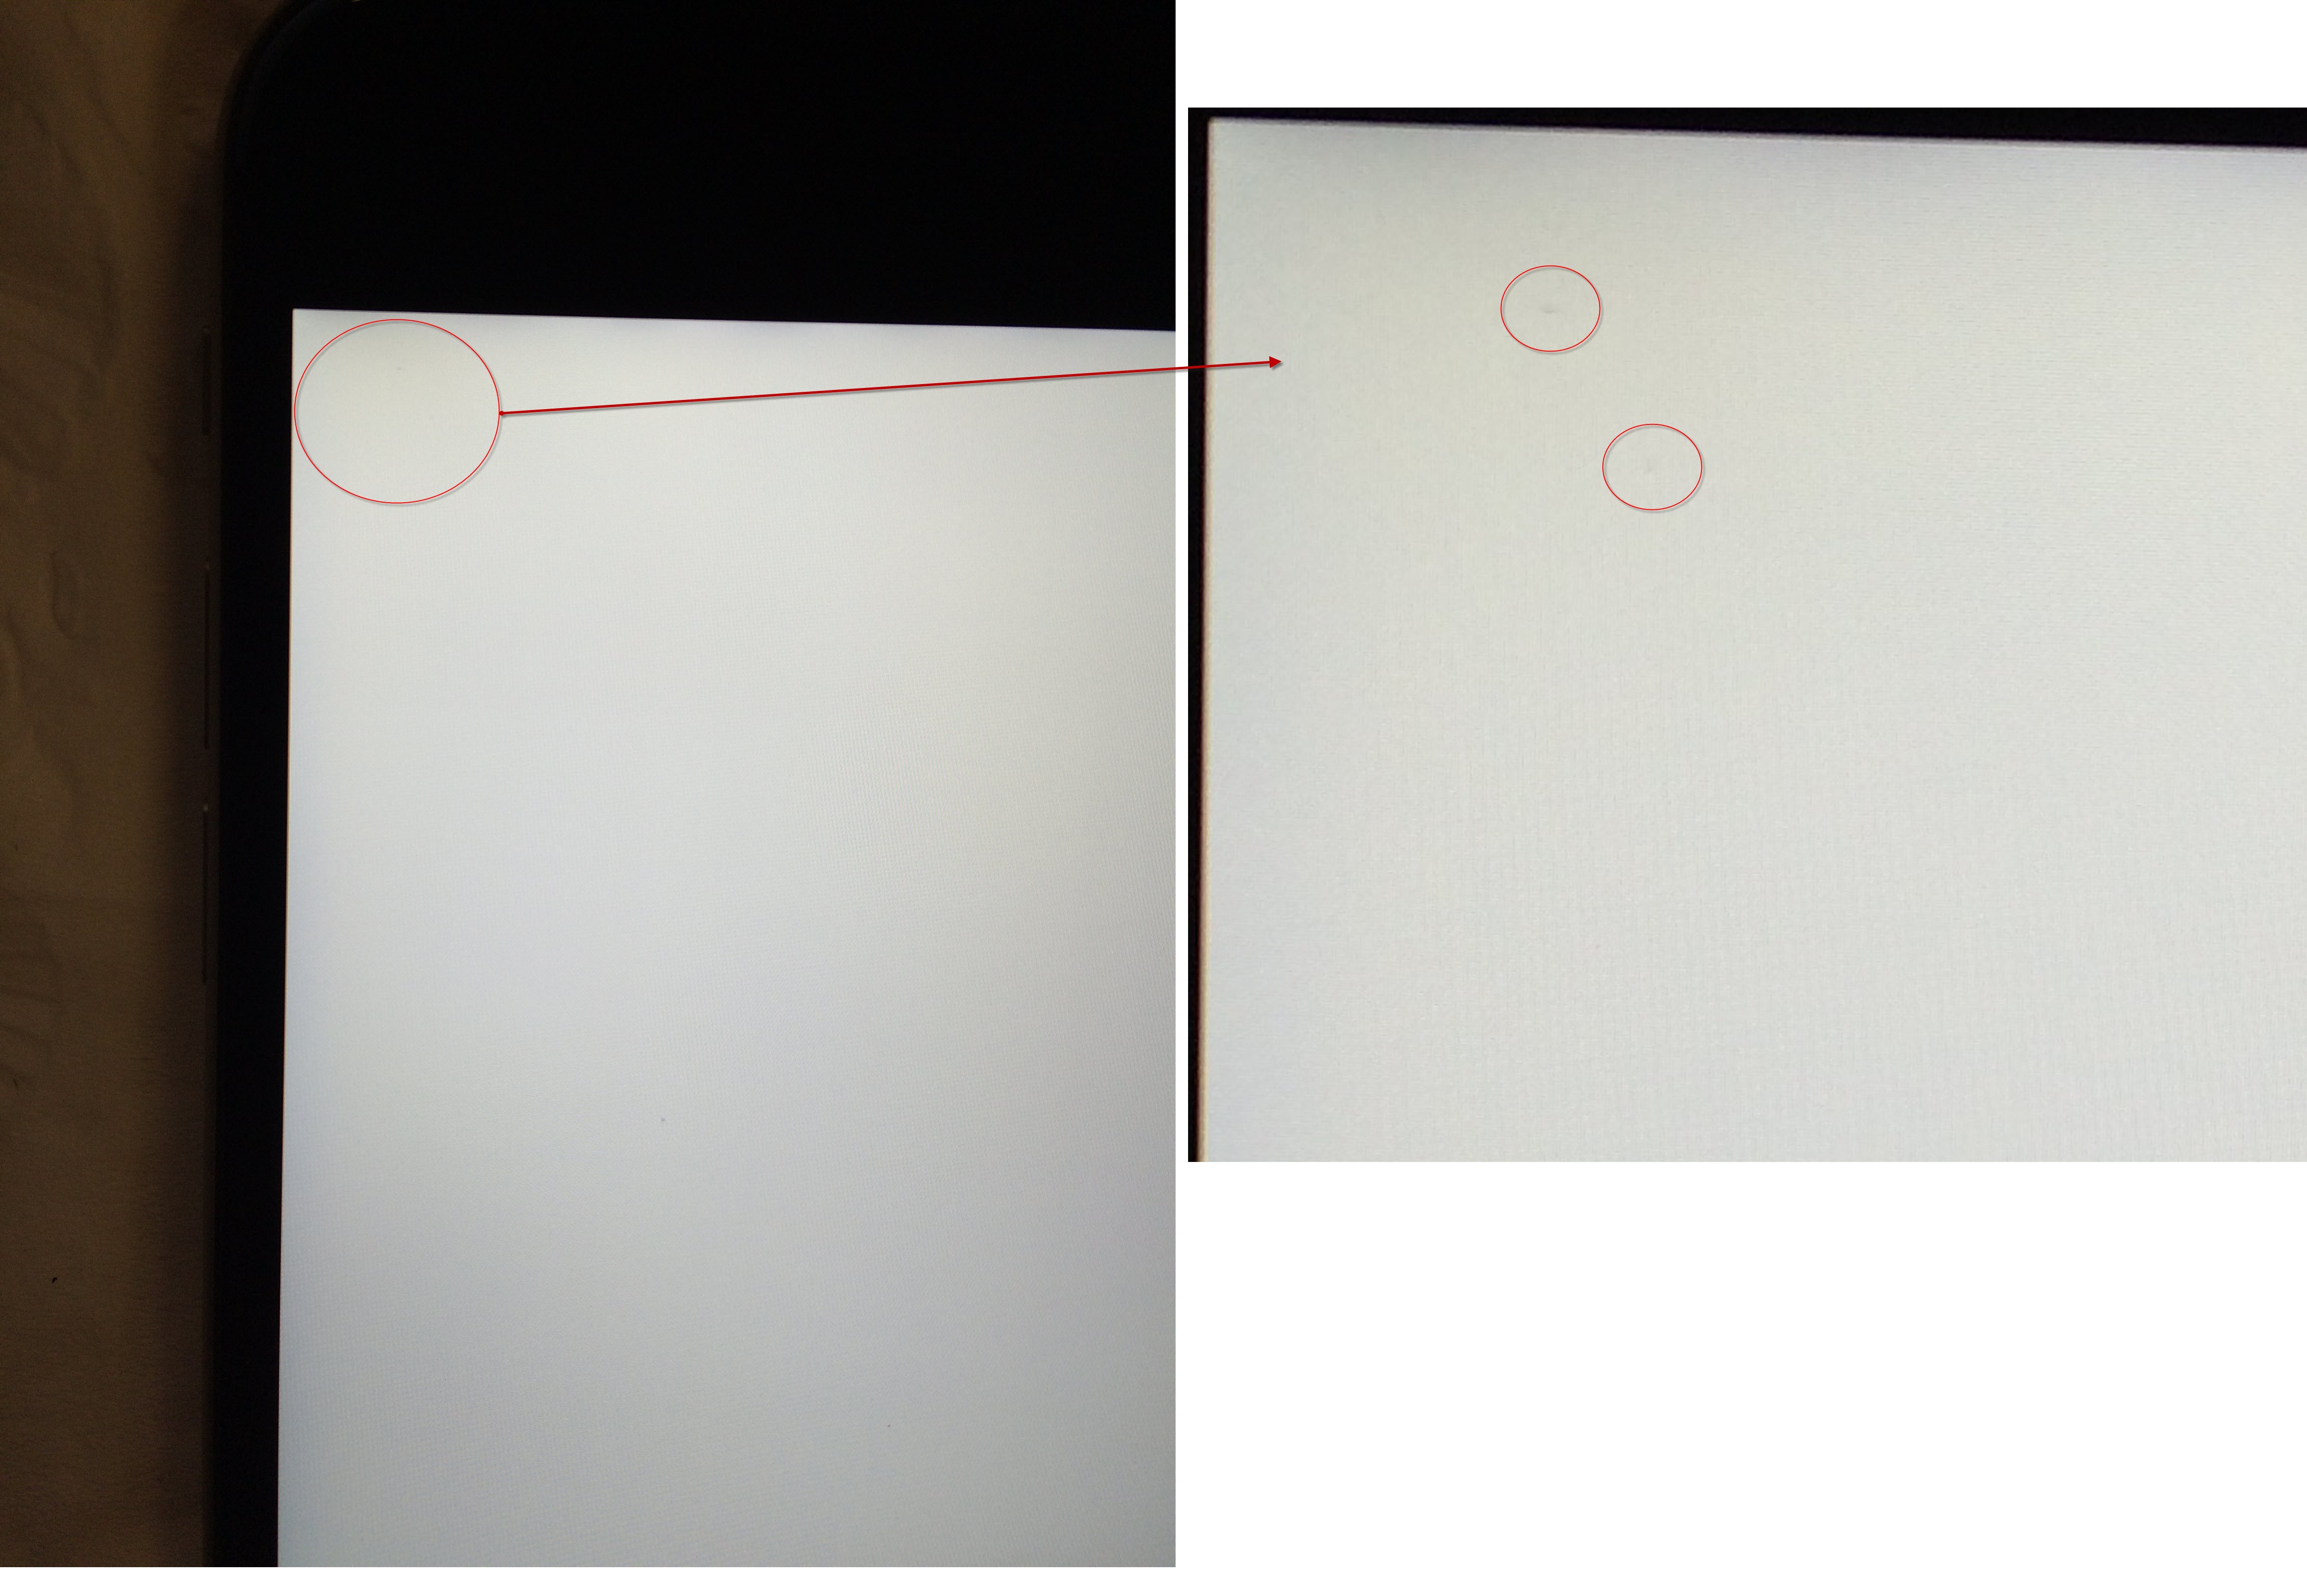 iPhone 6s Plus dead pixel (black dots) - Apple Community